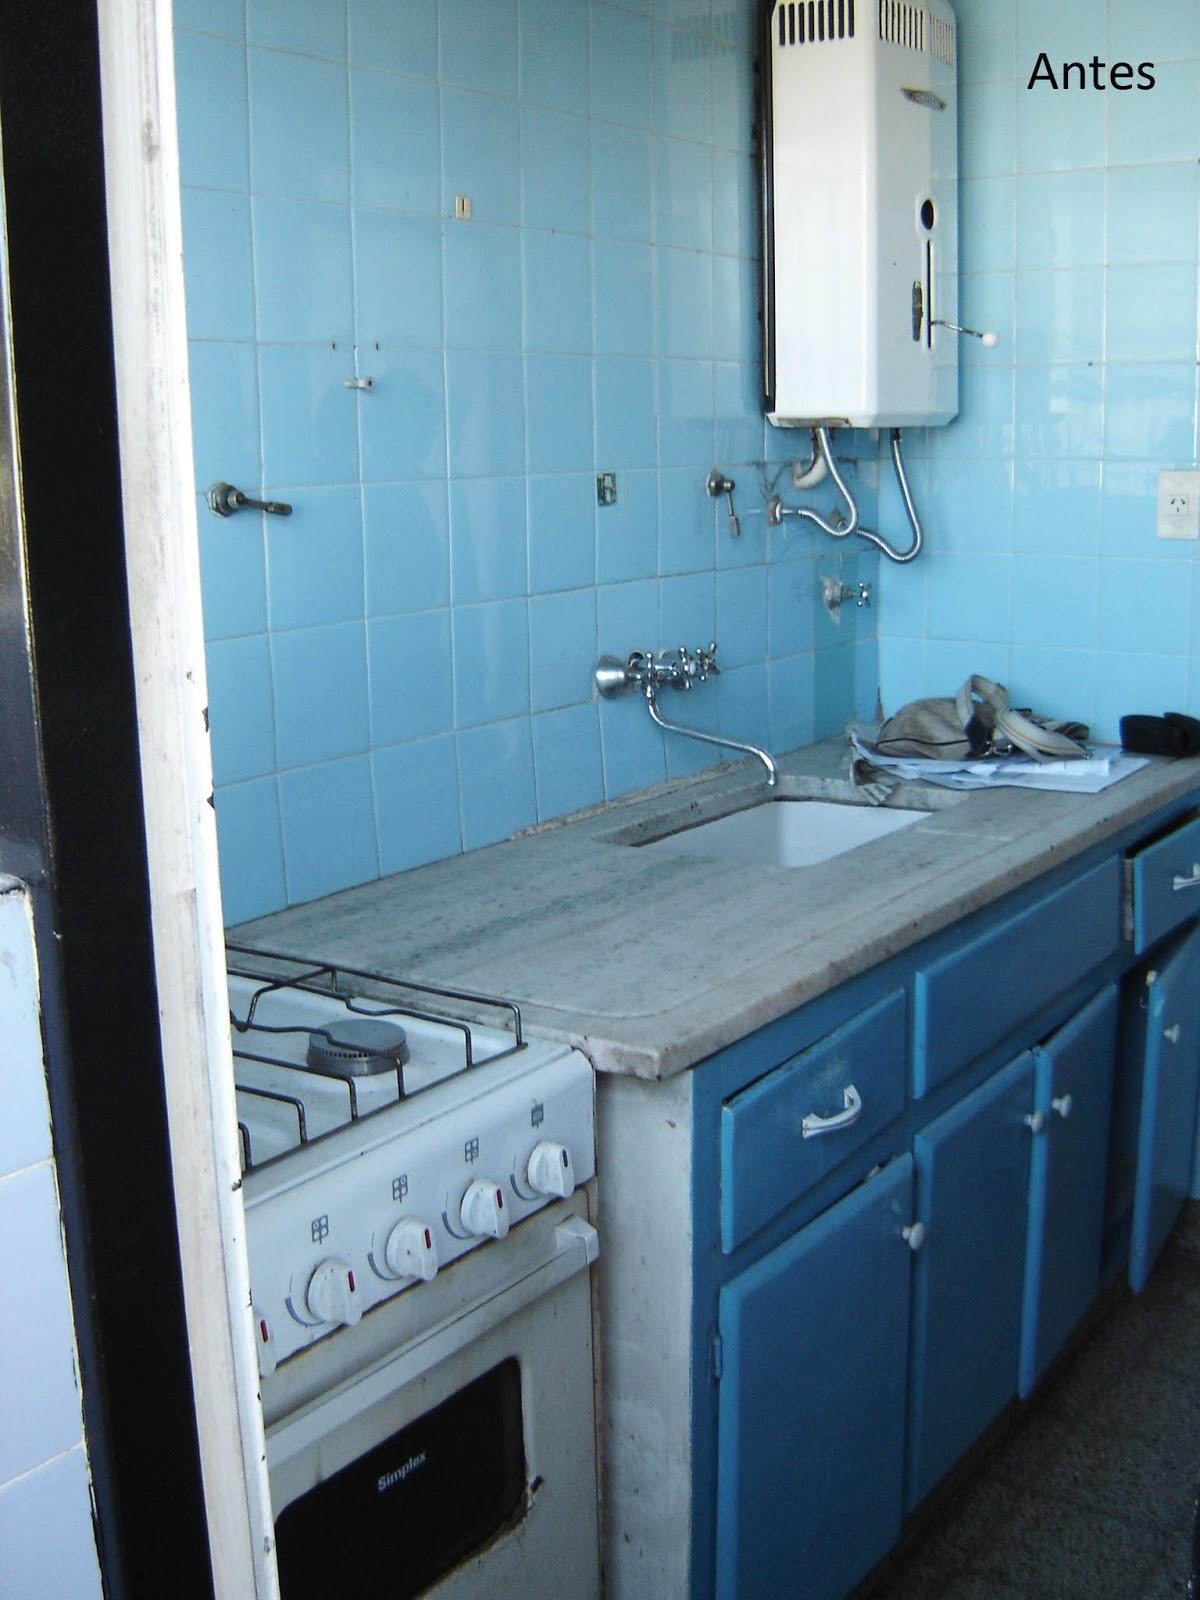 Remodelaciones cocina y lavadero artigas remodelaciones for Remodelacion de cocinas pequenas